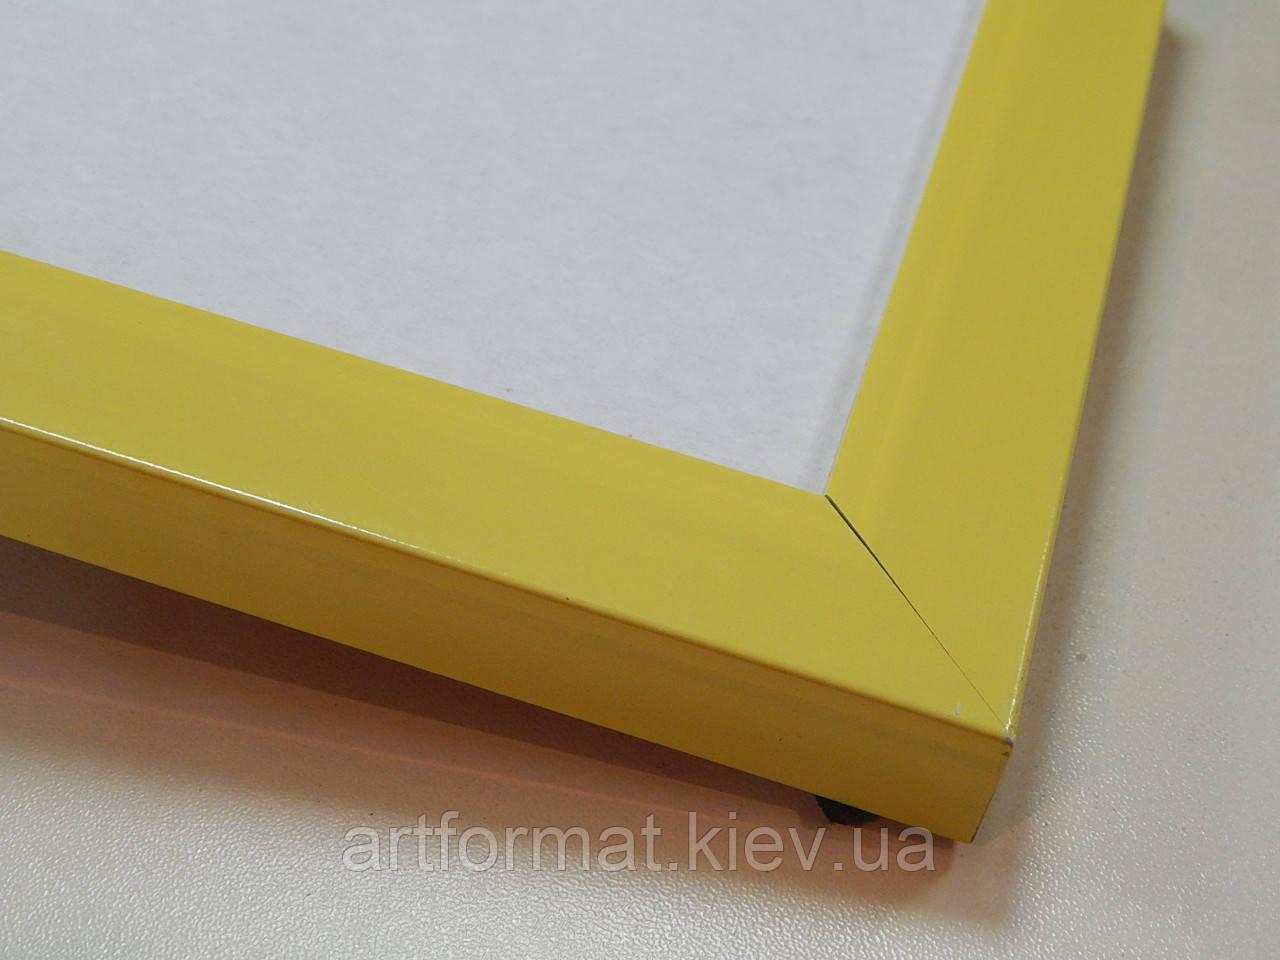 Рамка А2(420х594).Профиль 22 мм. Жолтый.Для фото грамот дипломов.